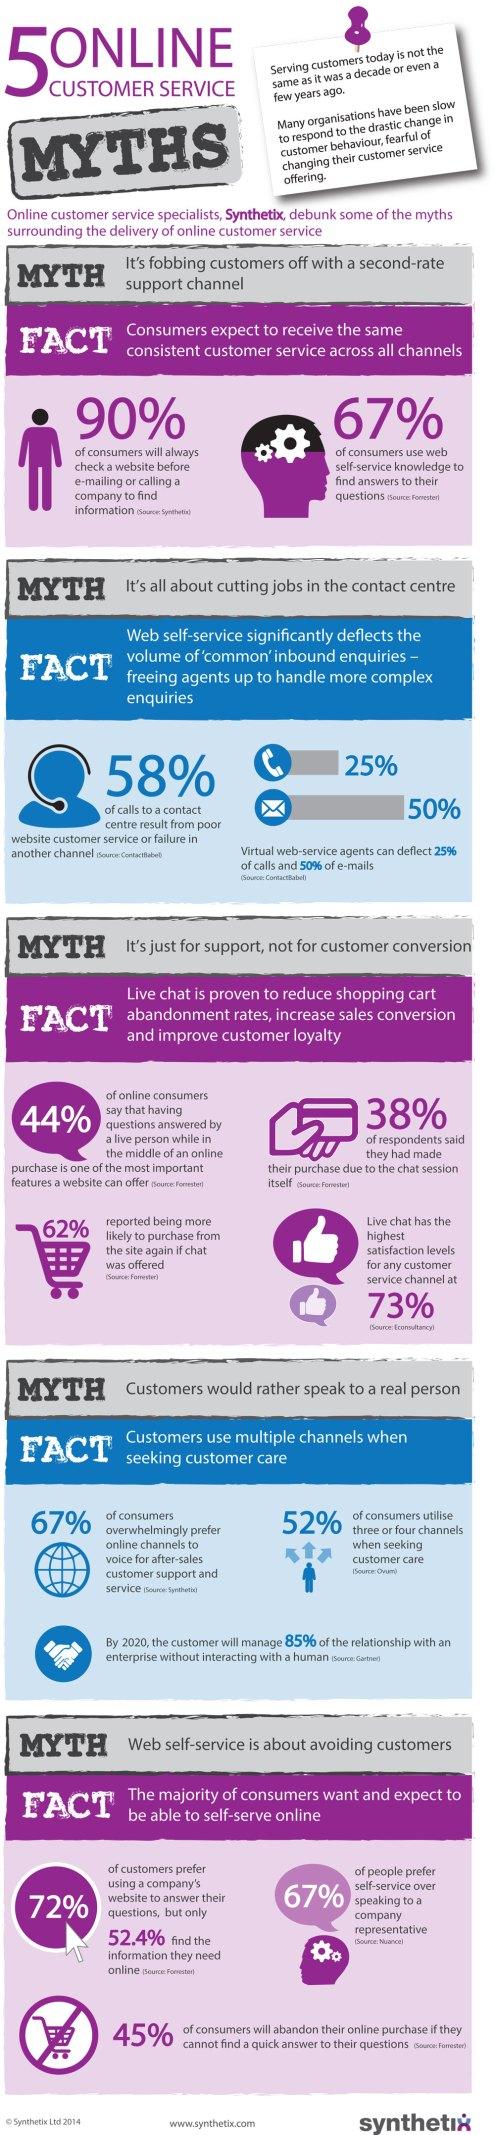 Myth-debunking-infographic_v3-(1)